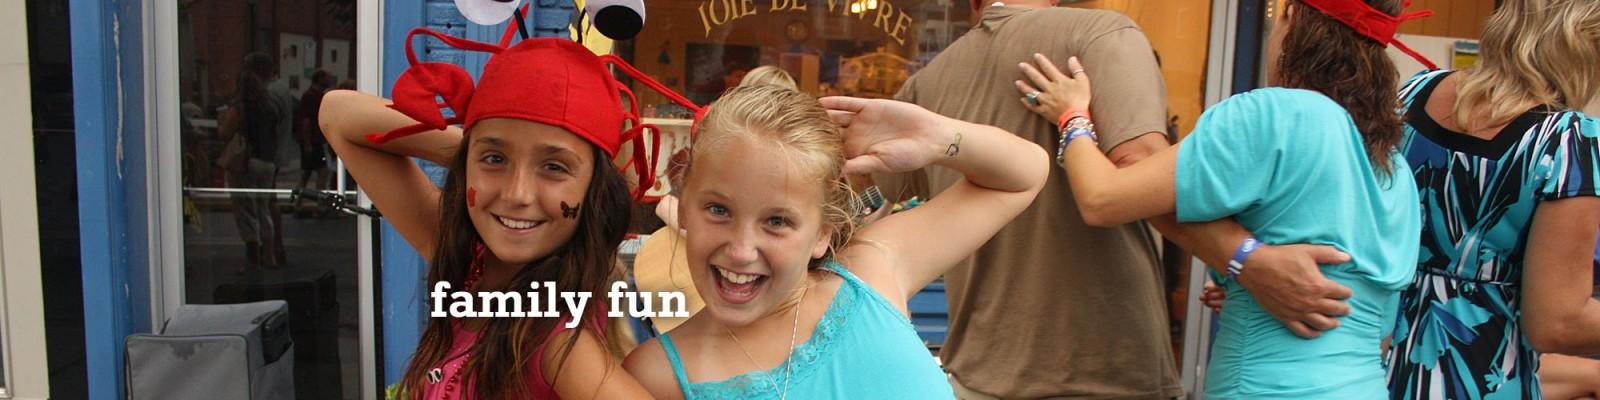 family-fun2